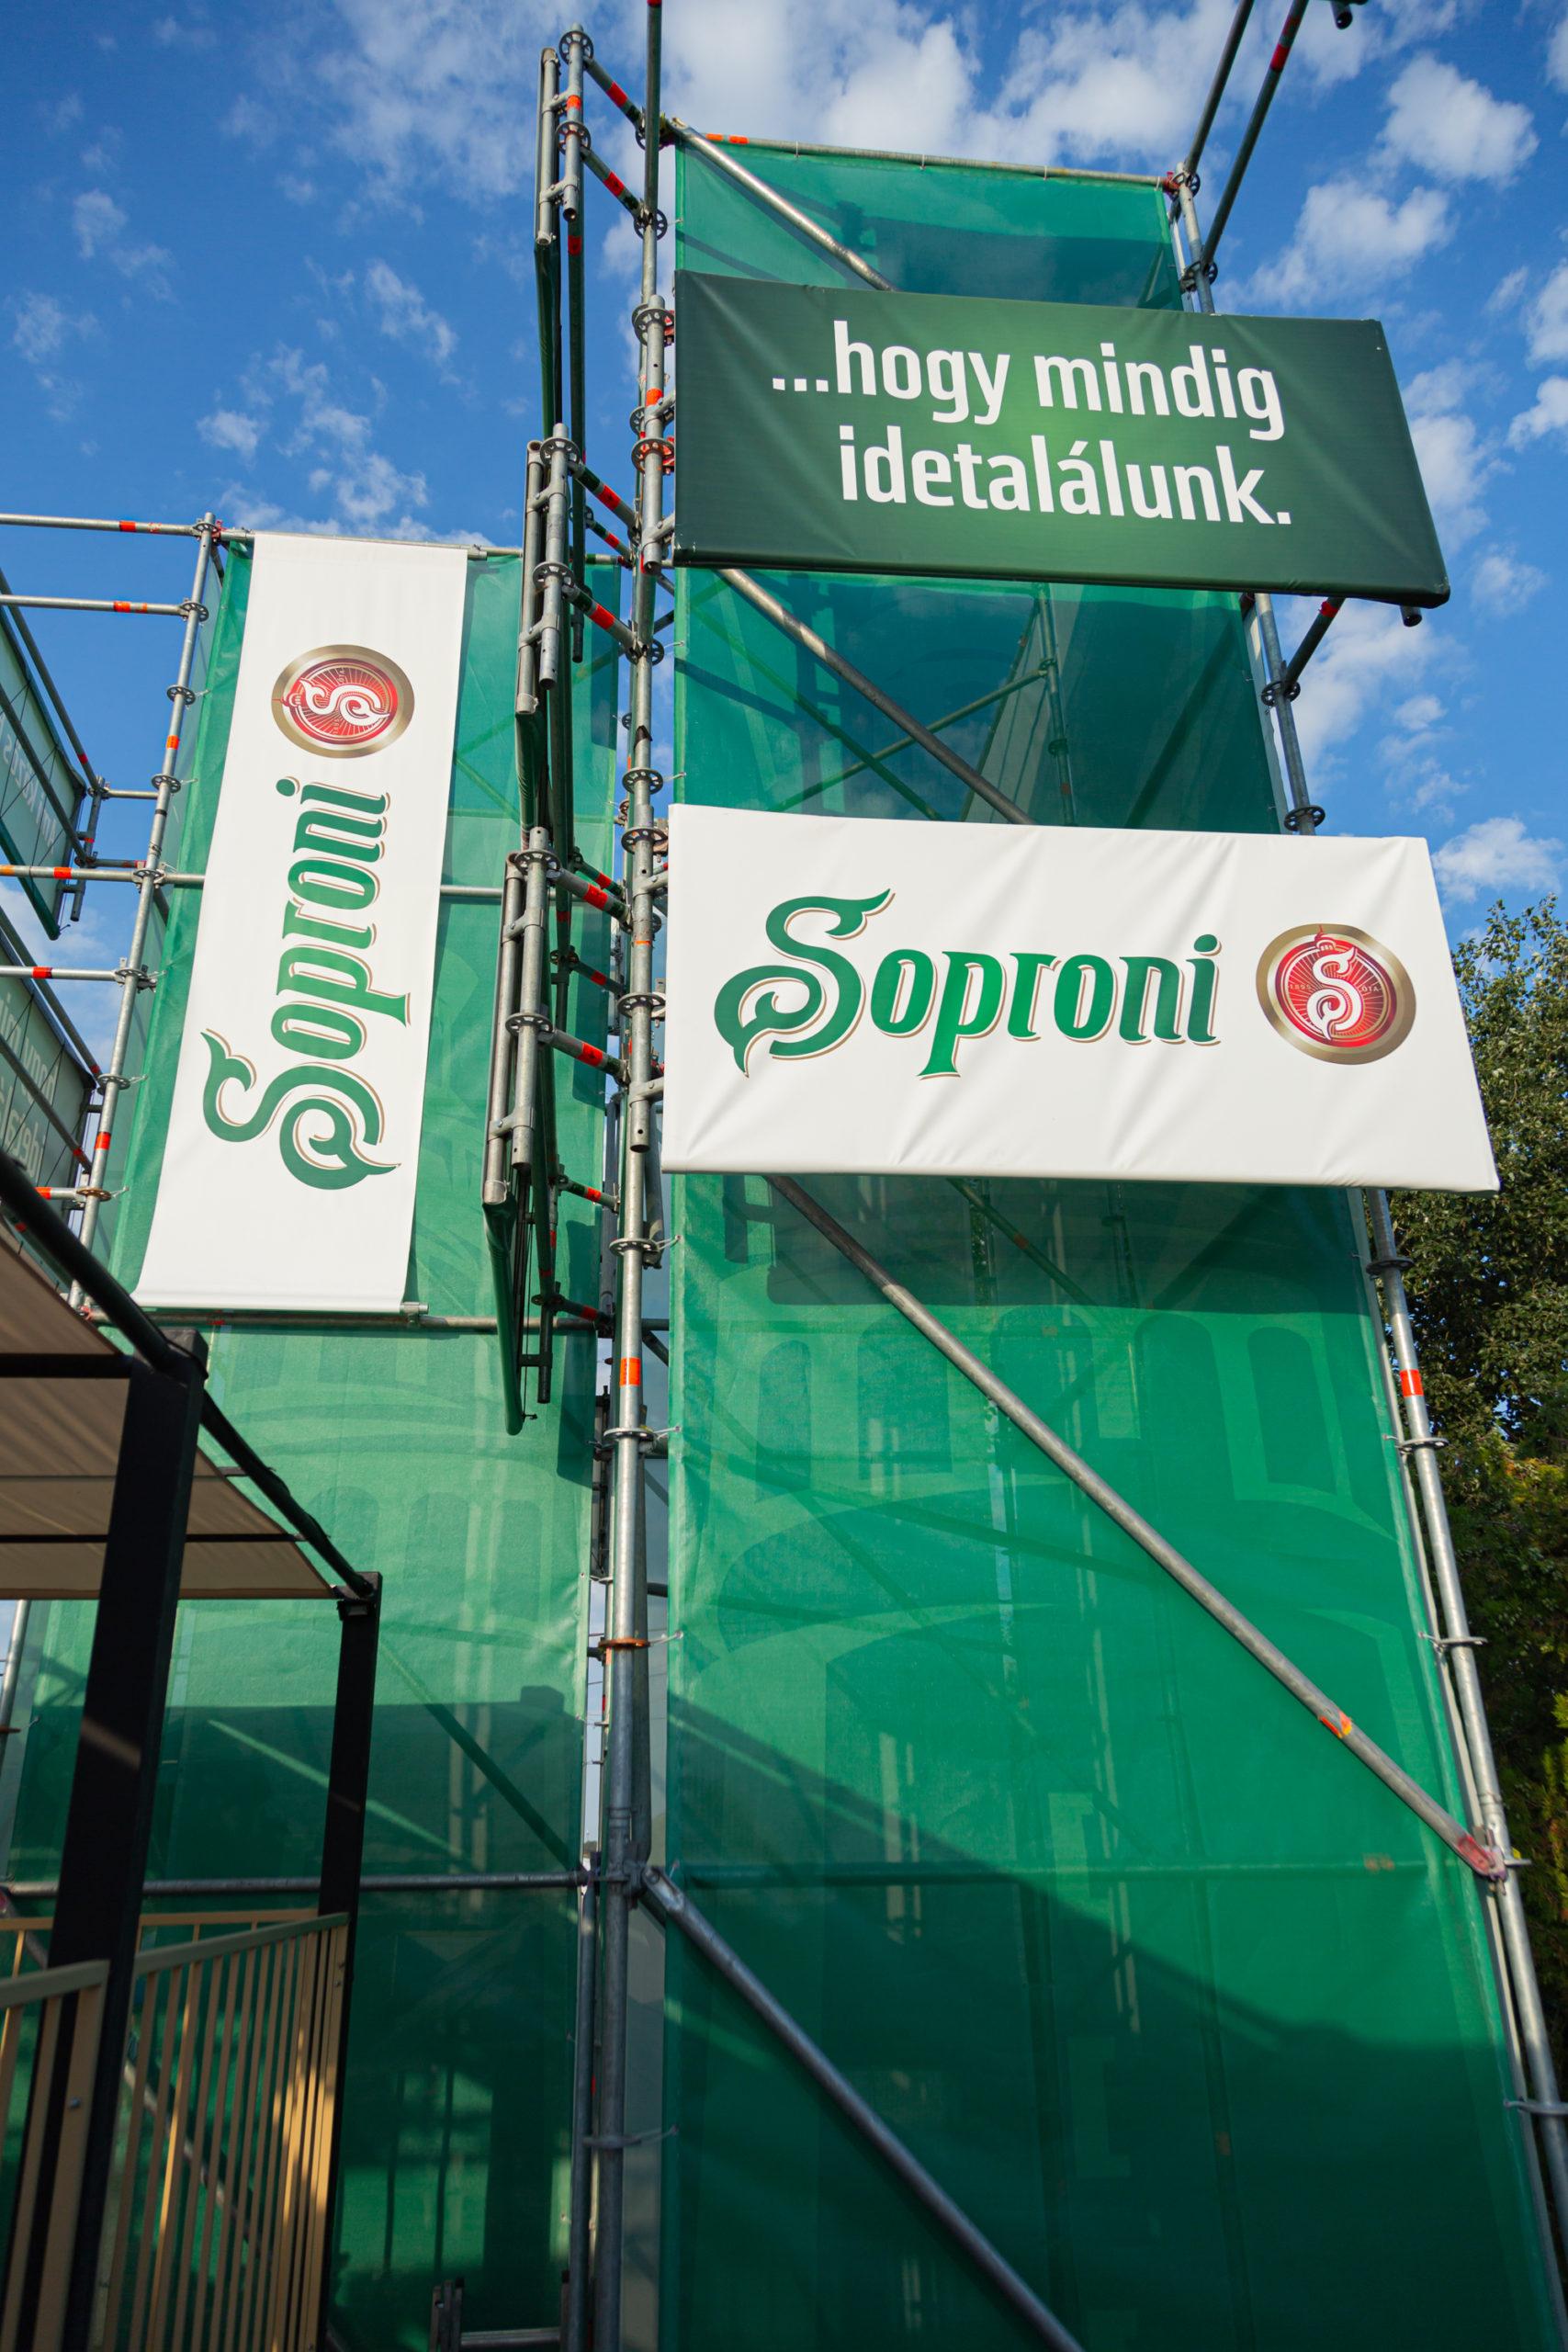 Soproni fesztivál installáció és kommunikáció